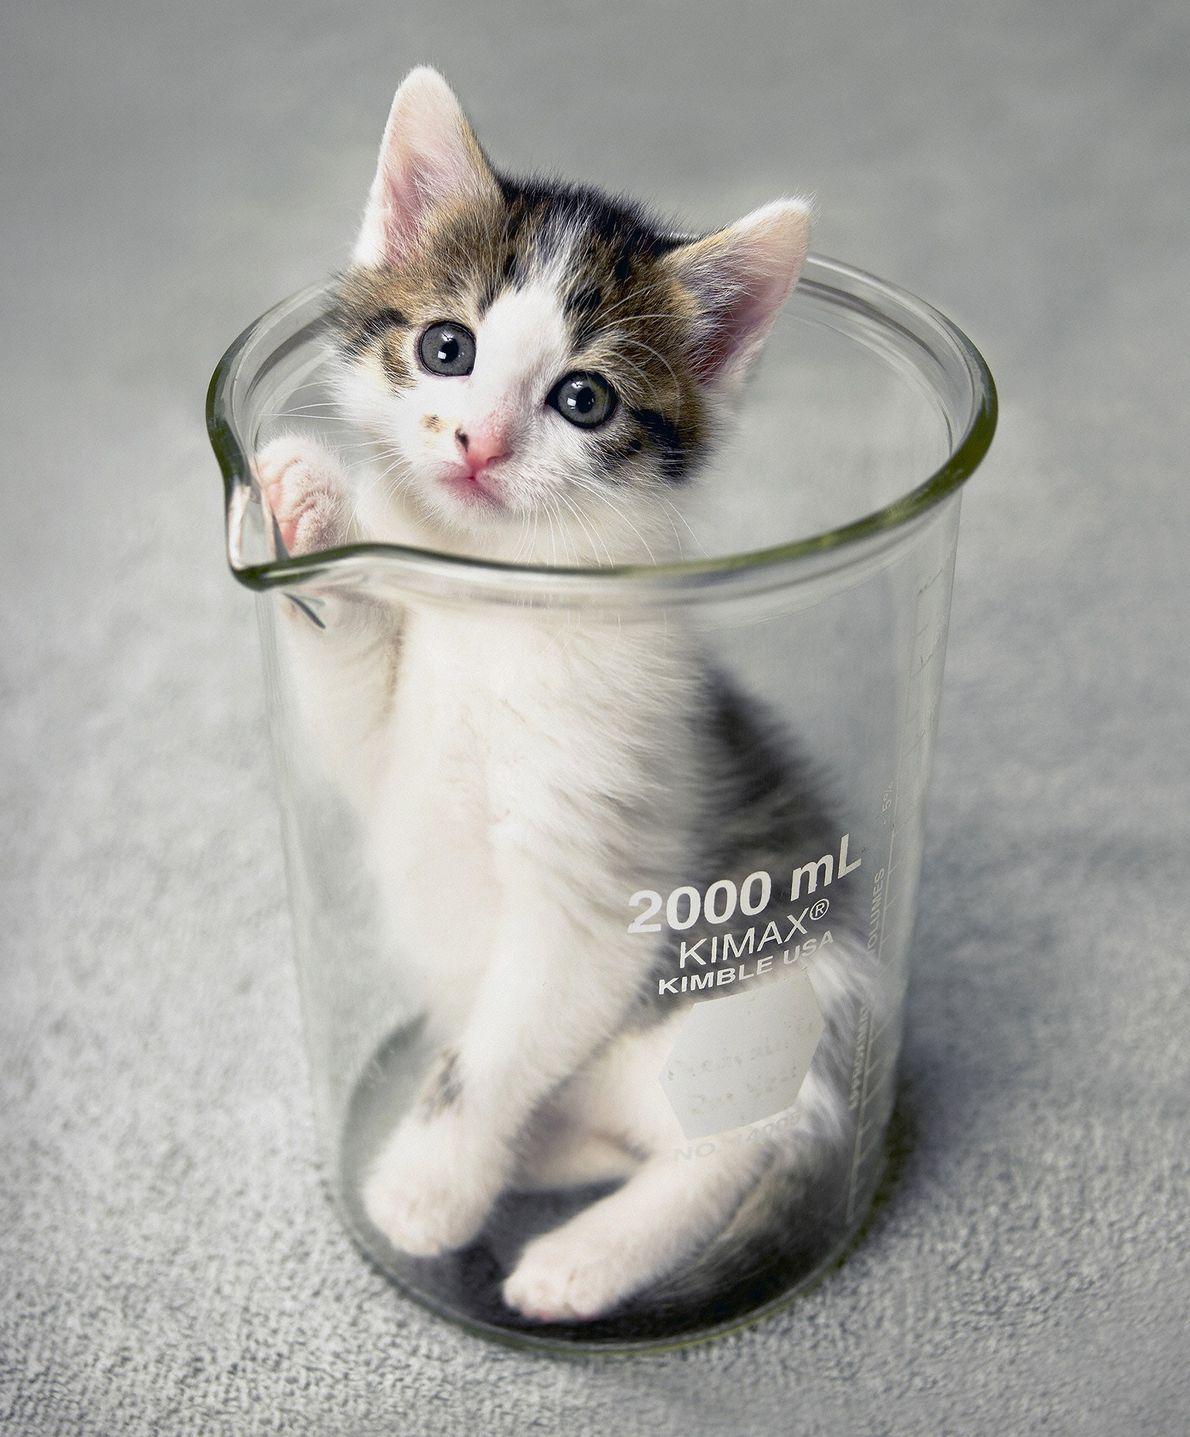 El primer gato clonado del mundo